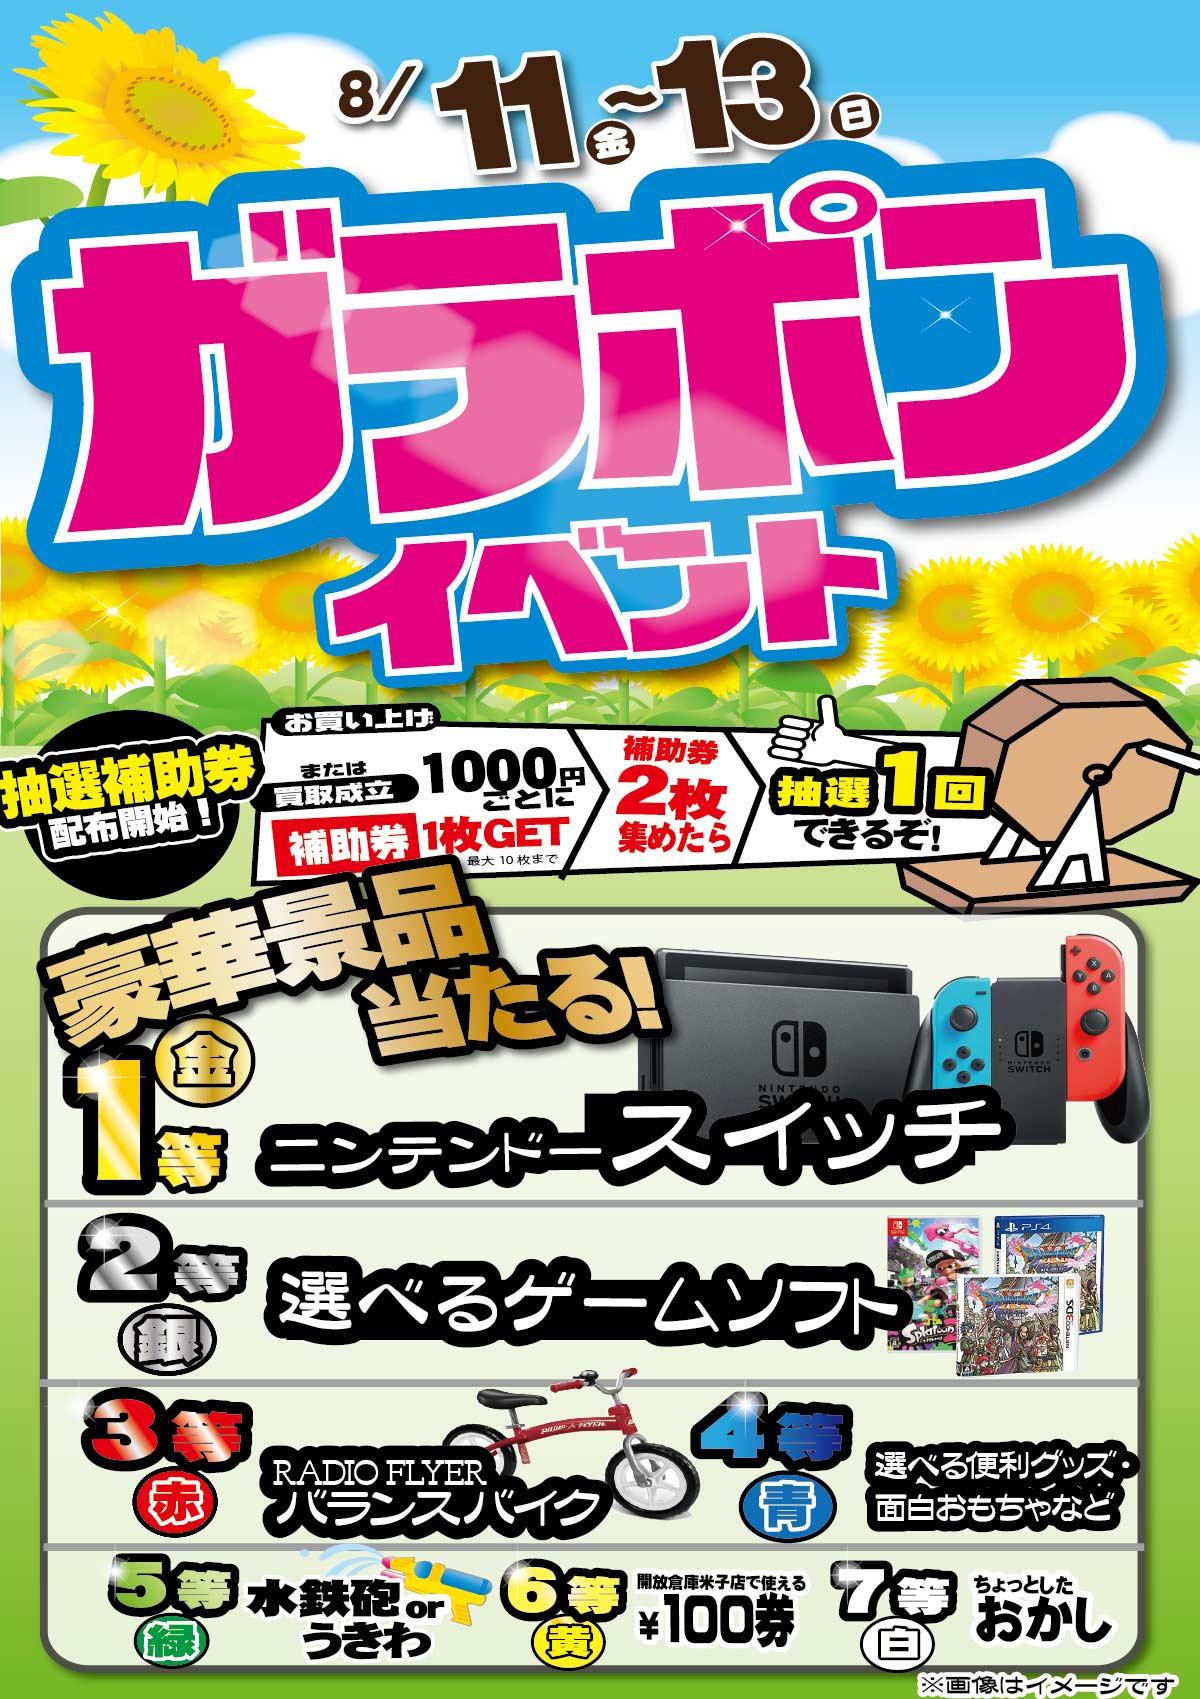 「開放倉庫米子店」8/11(金)~13(日)ガラポンイベント開催!!